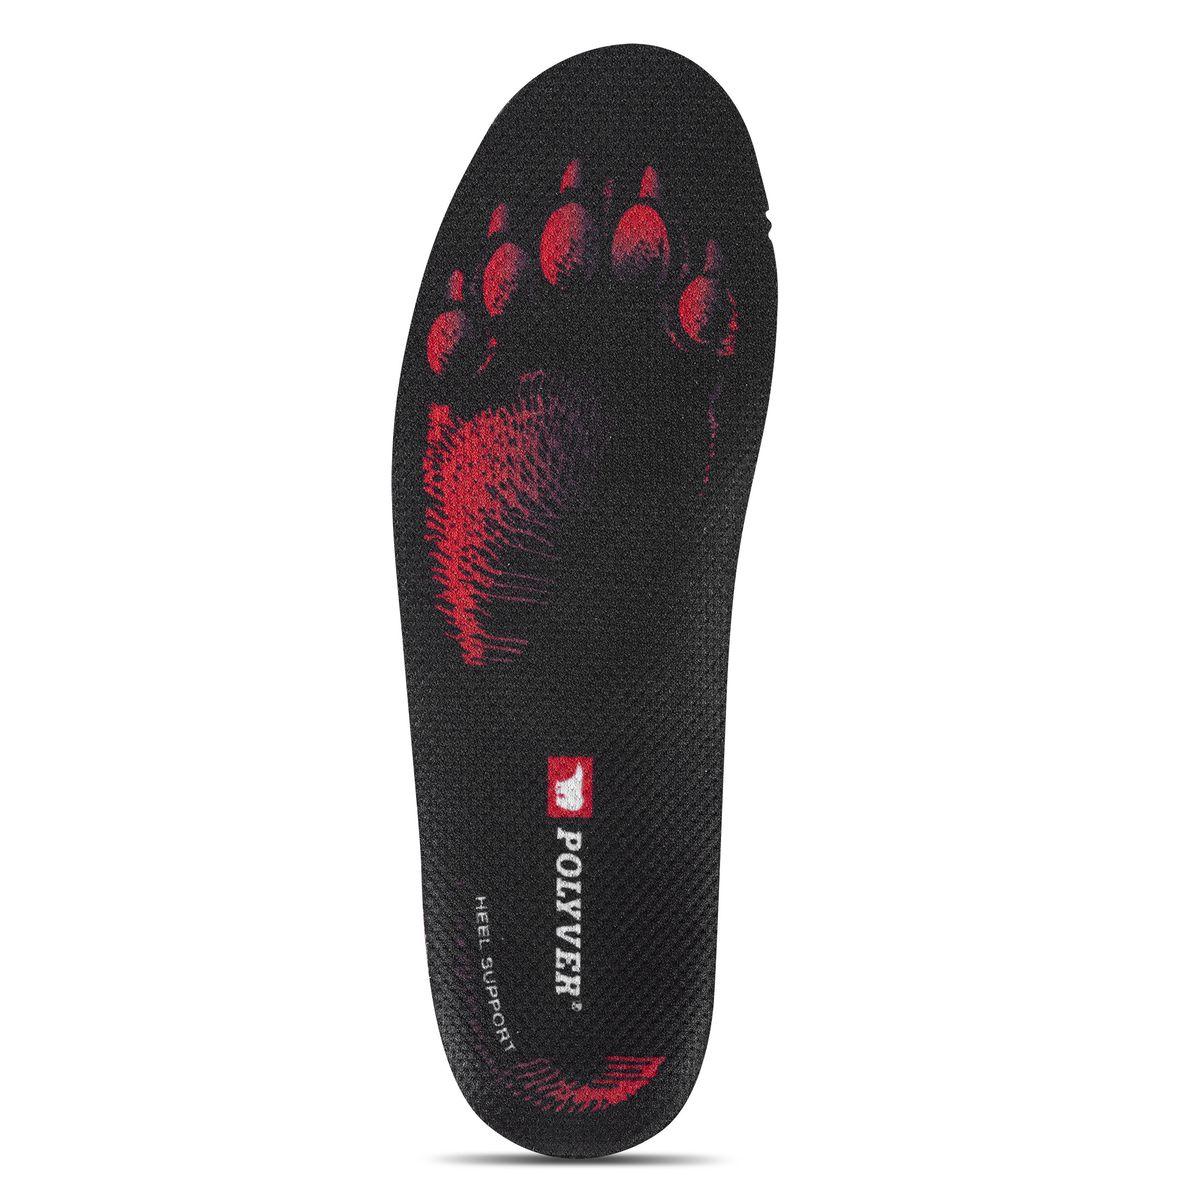 Стельки мужские Polyver Premium, цвет: красный, черный. Размер 44/4526258582Термоизоляционные стельки Polyver Premium отлично защищают ноги от холода, при этом отводя лишнюю влагу. Стельки состоят из трех слоев: впитывающий влагу, амортизационный, термоизоляционный.Комфорт: - анатомическая форма с поддержкой пятки, - стабилизация стопы для уменьшения боли с суставах, - повышает устойчивость и уменьшает усталость.